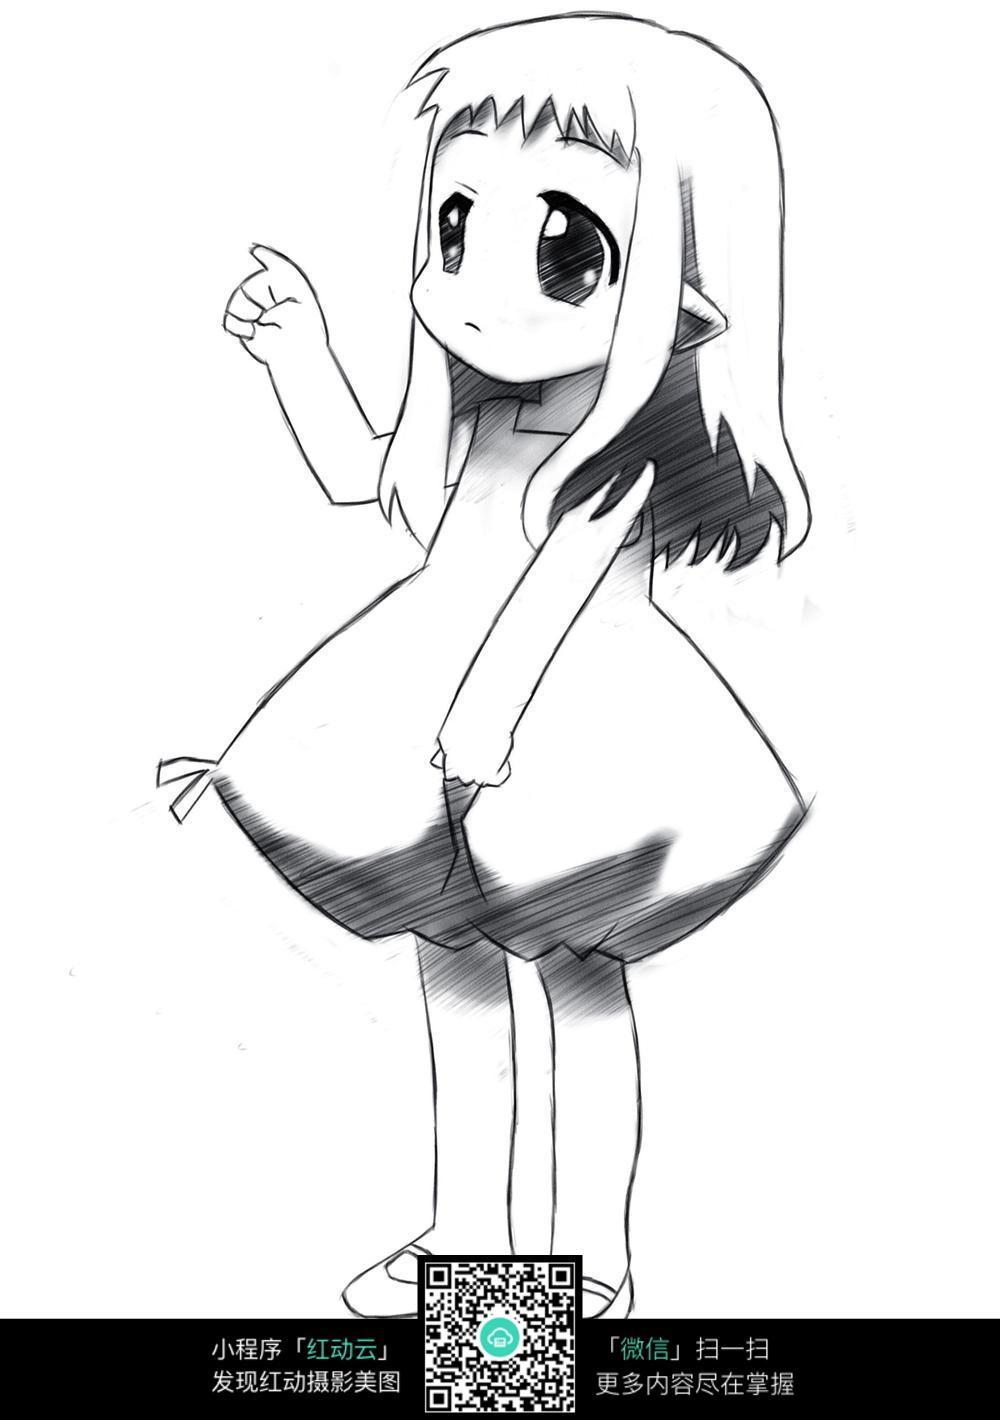 呆萌可爱的小女孩